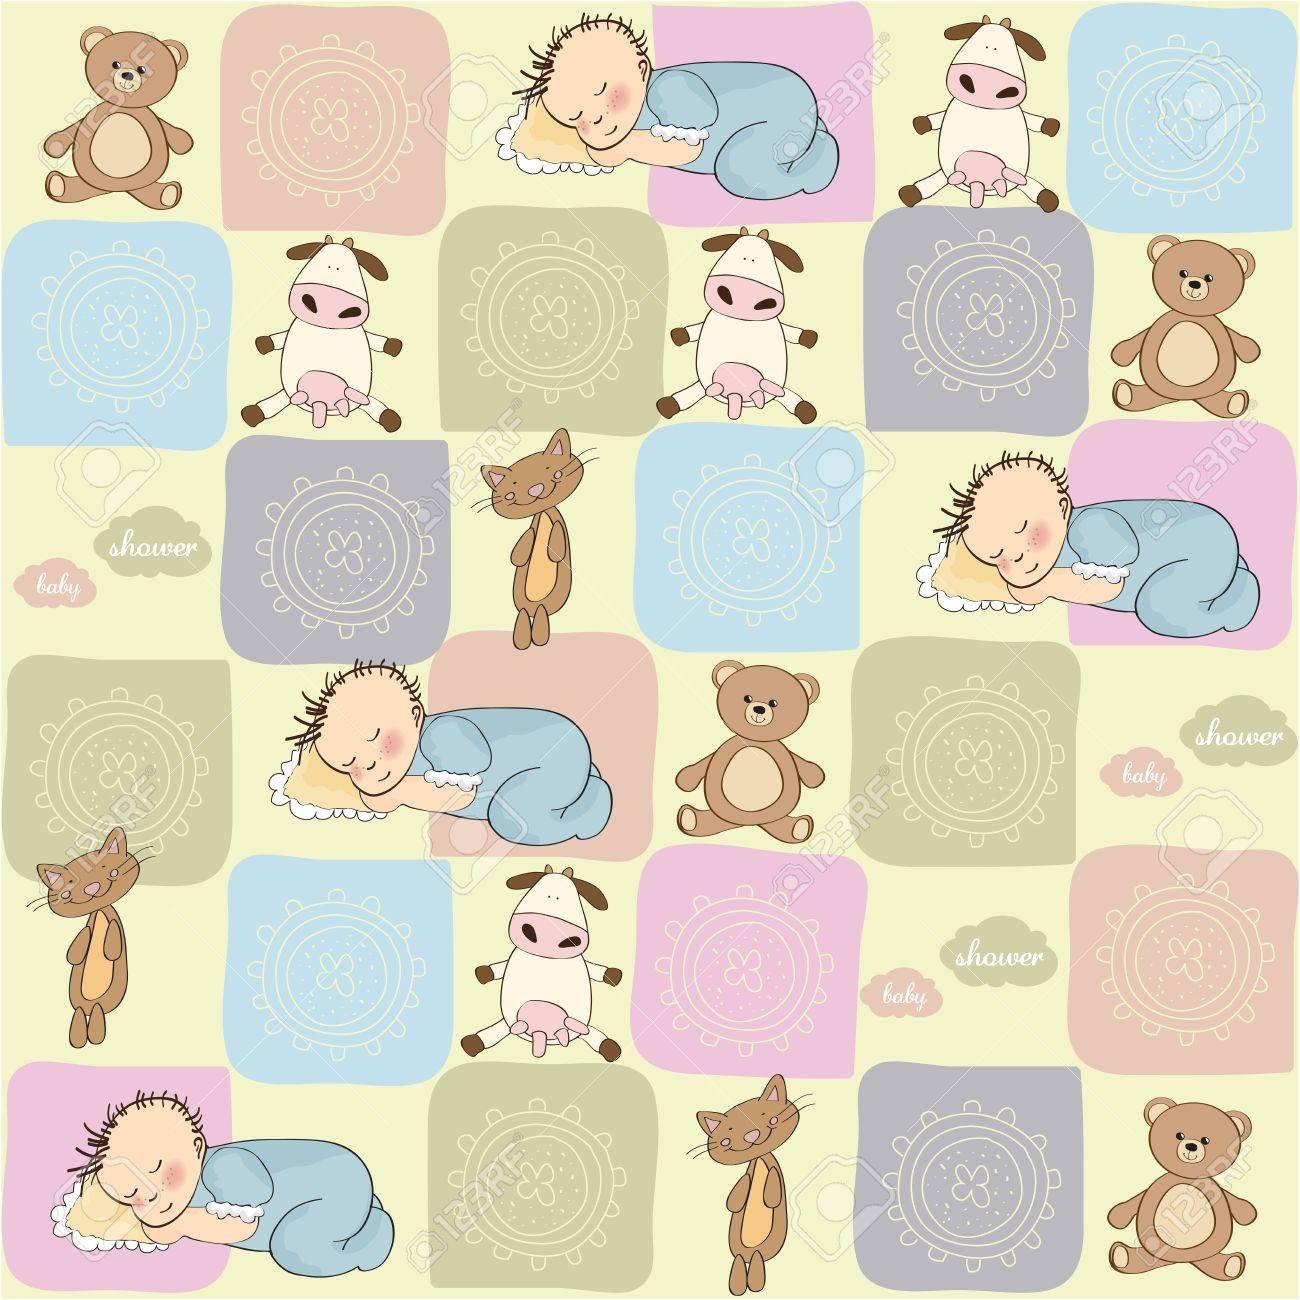 Patrón Sin Costura Infantil Con Juguetes Ilustraciones Vectoriales ...